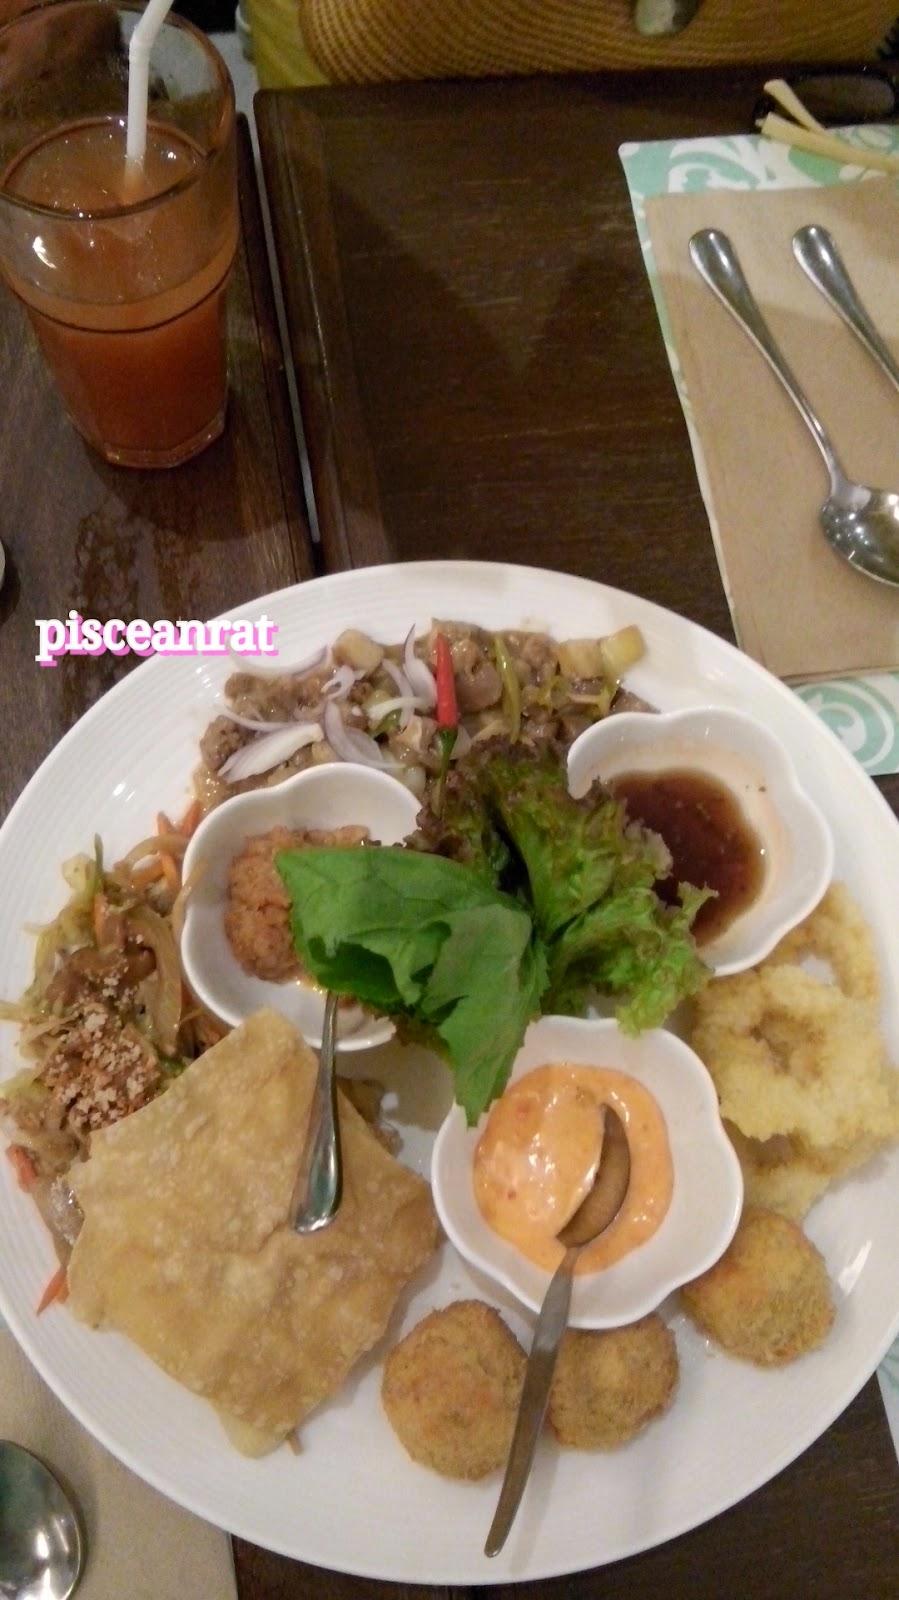 pinac food, Crispy hito balls mustasa at buro, calamares, lumpiang ubod taquitos